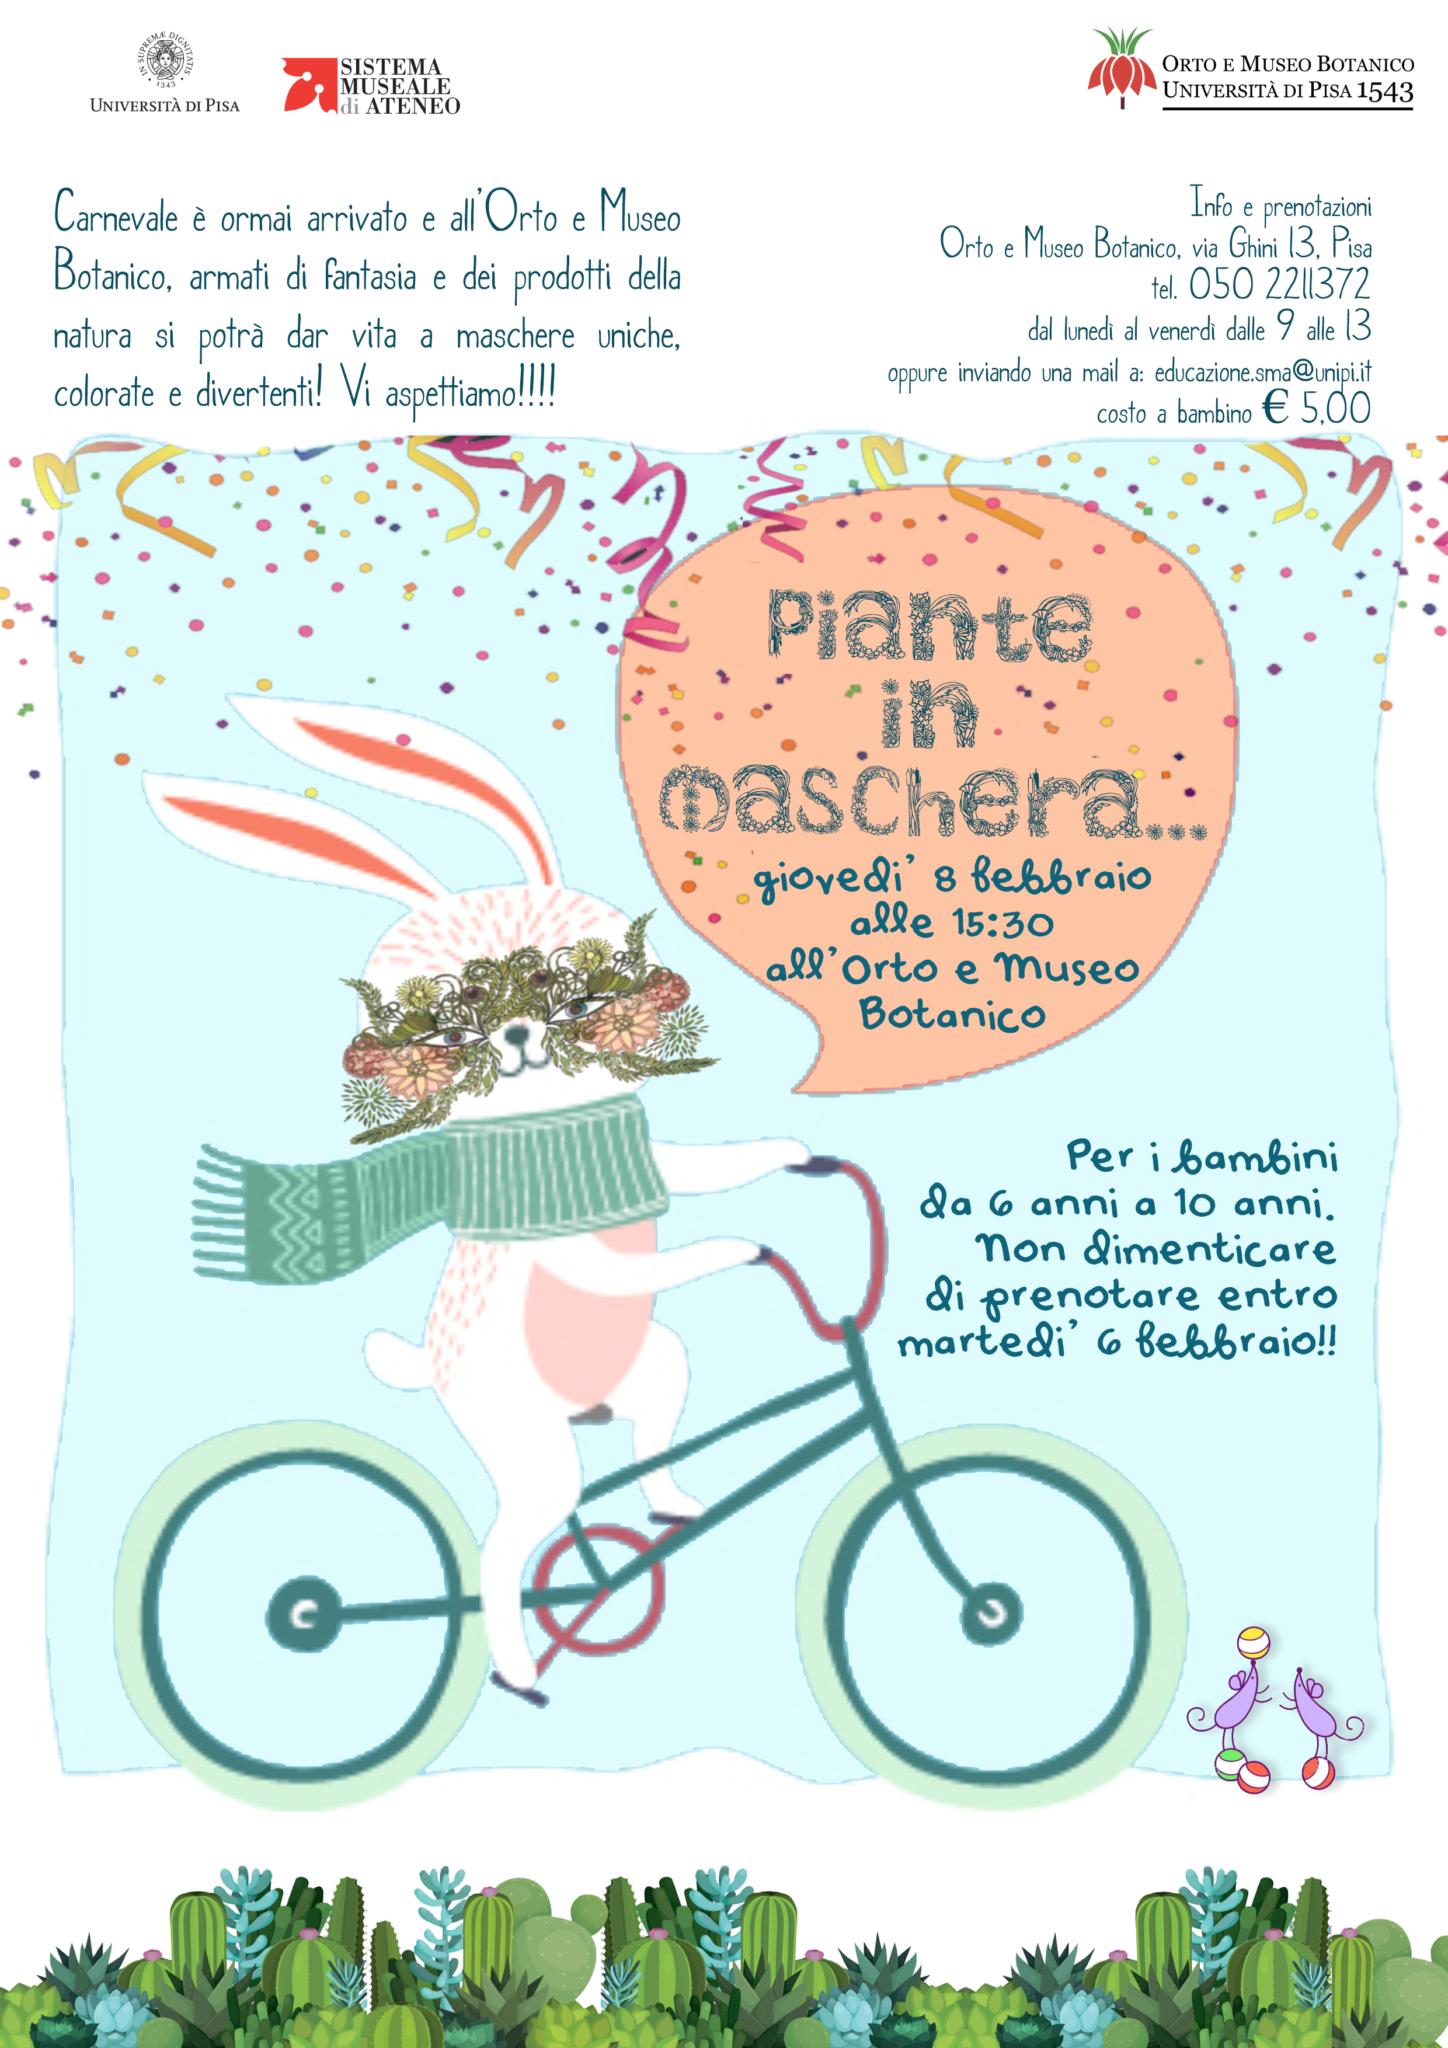 Calendario Piante Orto.Orto E Museo Botanico Piante In Maschera Giovedi 8